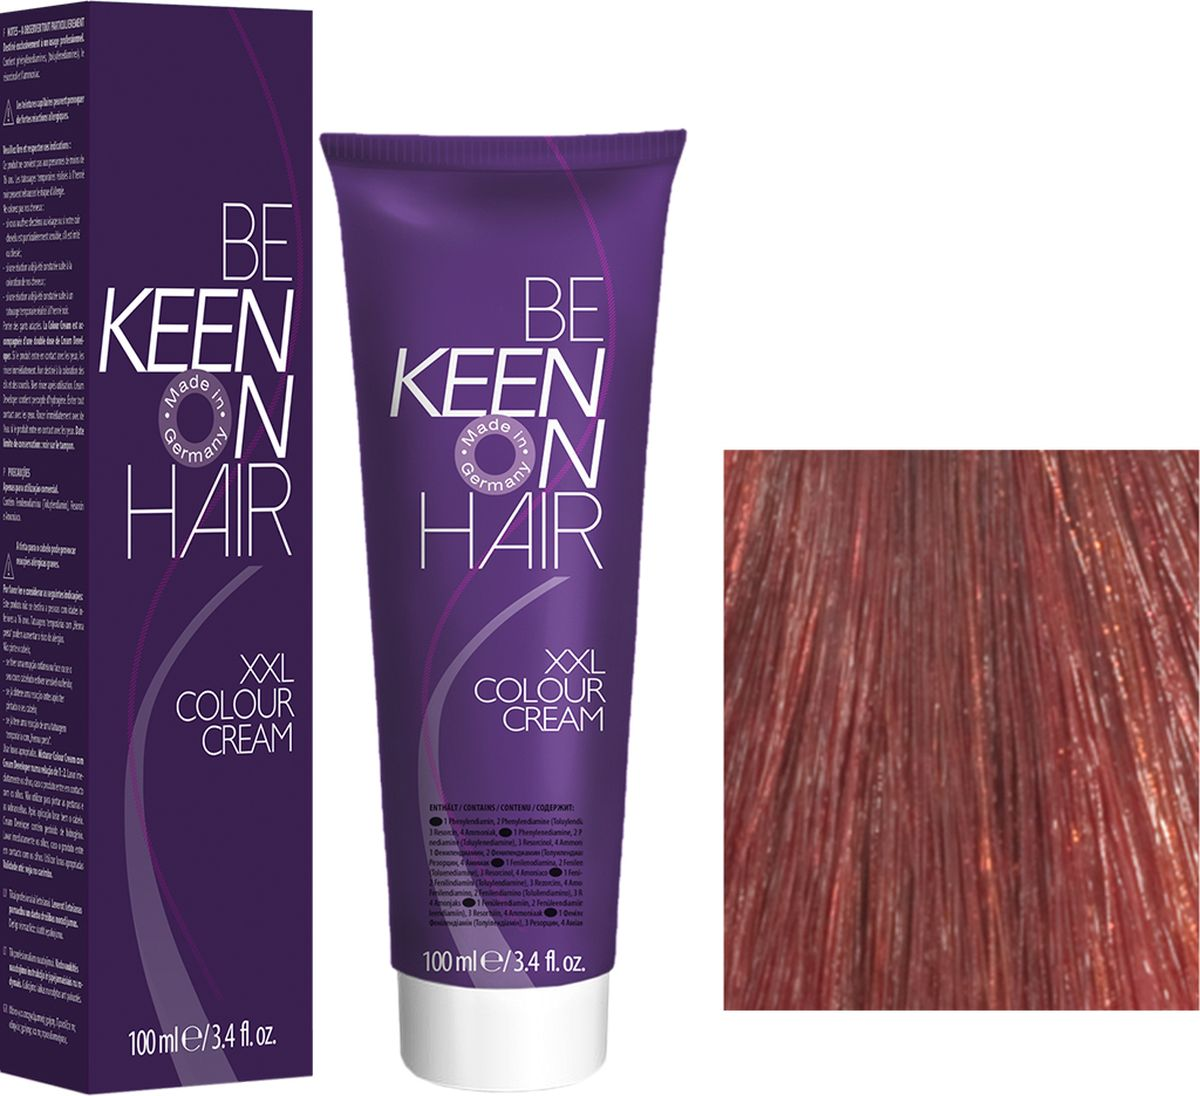 Keen Краска для волос 7.45 Натуральный медно-красный блондин Mittelblond Kupfer-Rot, 100 мл69100061Модные оттенкиБолее 100 оттенков для креативной комбинации цветов.ЭкономичностьПри использовании тюбика 100 мл вы получаете оптимальное соотношение цены и качества!УходМолочный белок поддерживает структуру волоса во время окрашивания и придает волосам блеск и шелковистость. Протеины хорошо встраиваются в волосы и снабжают их влагой.